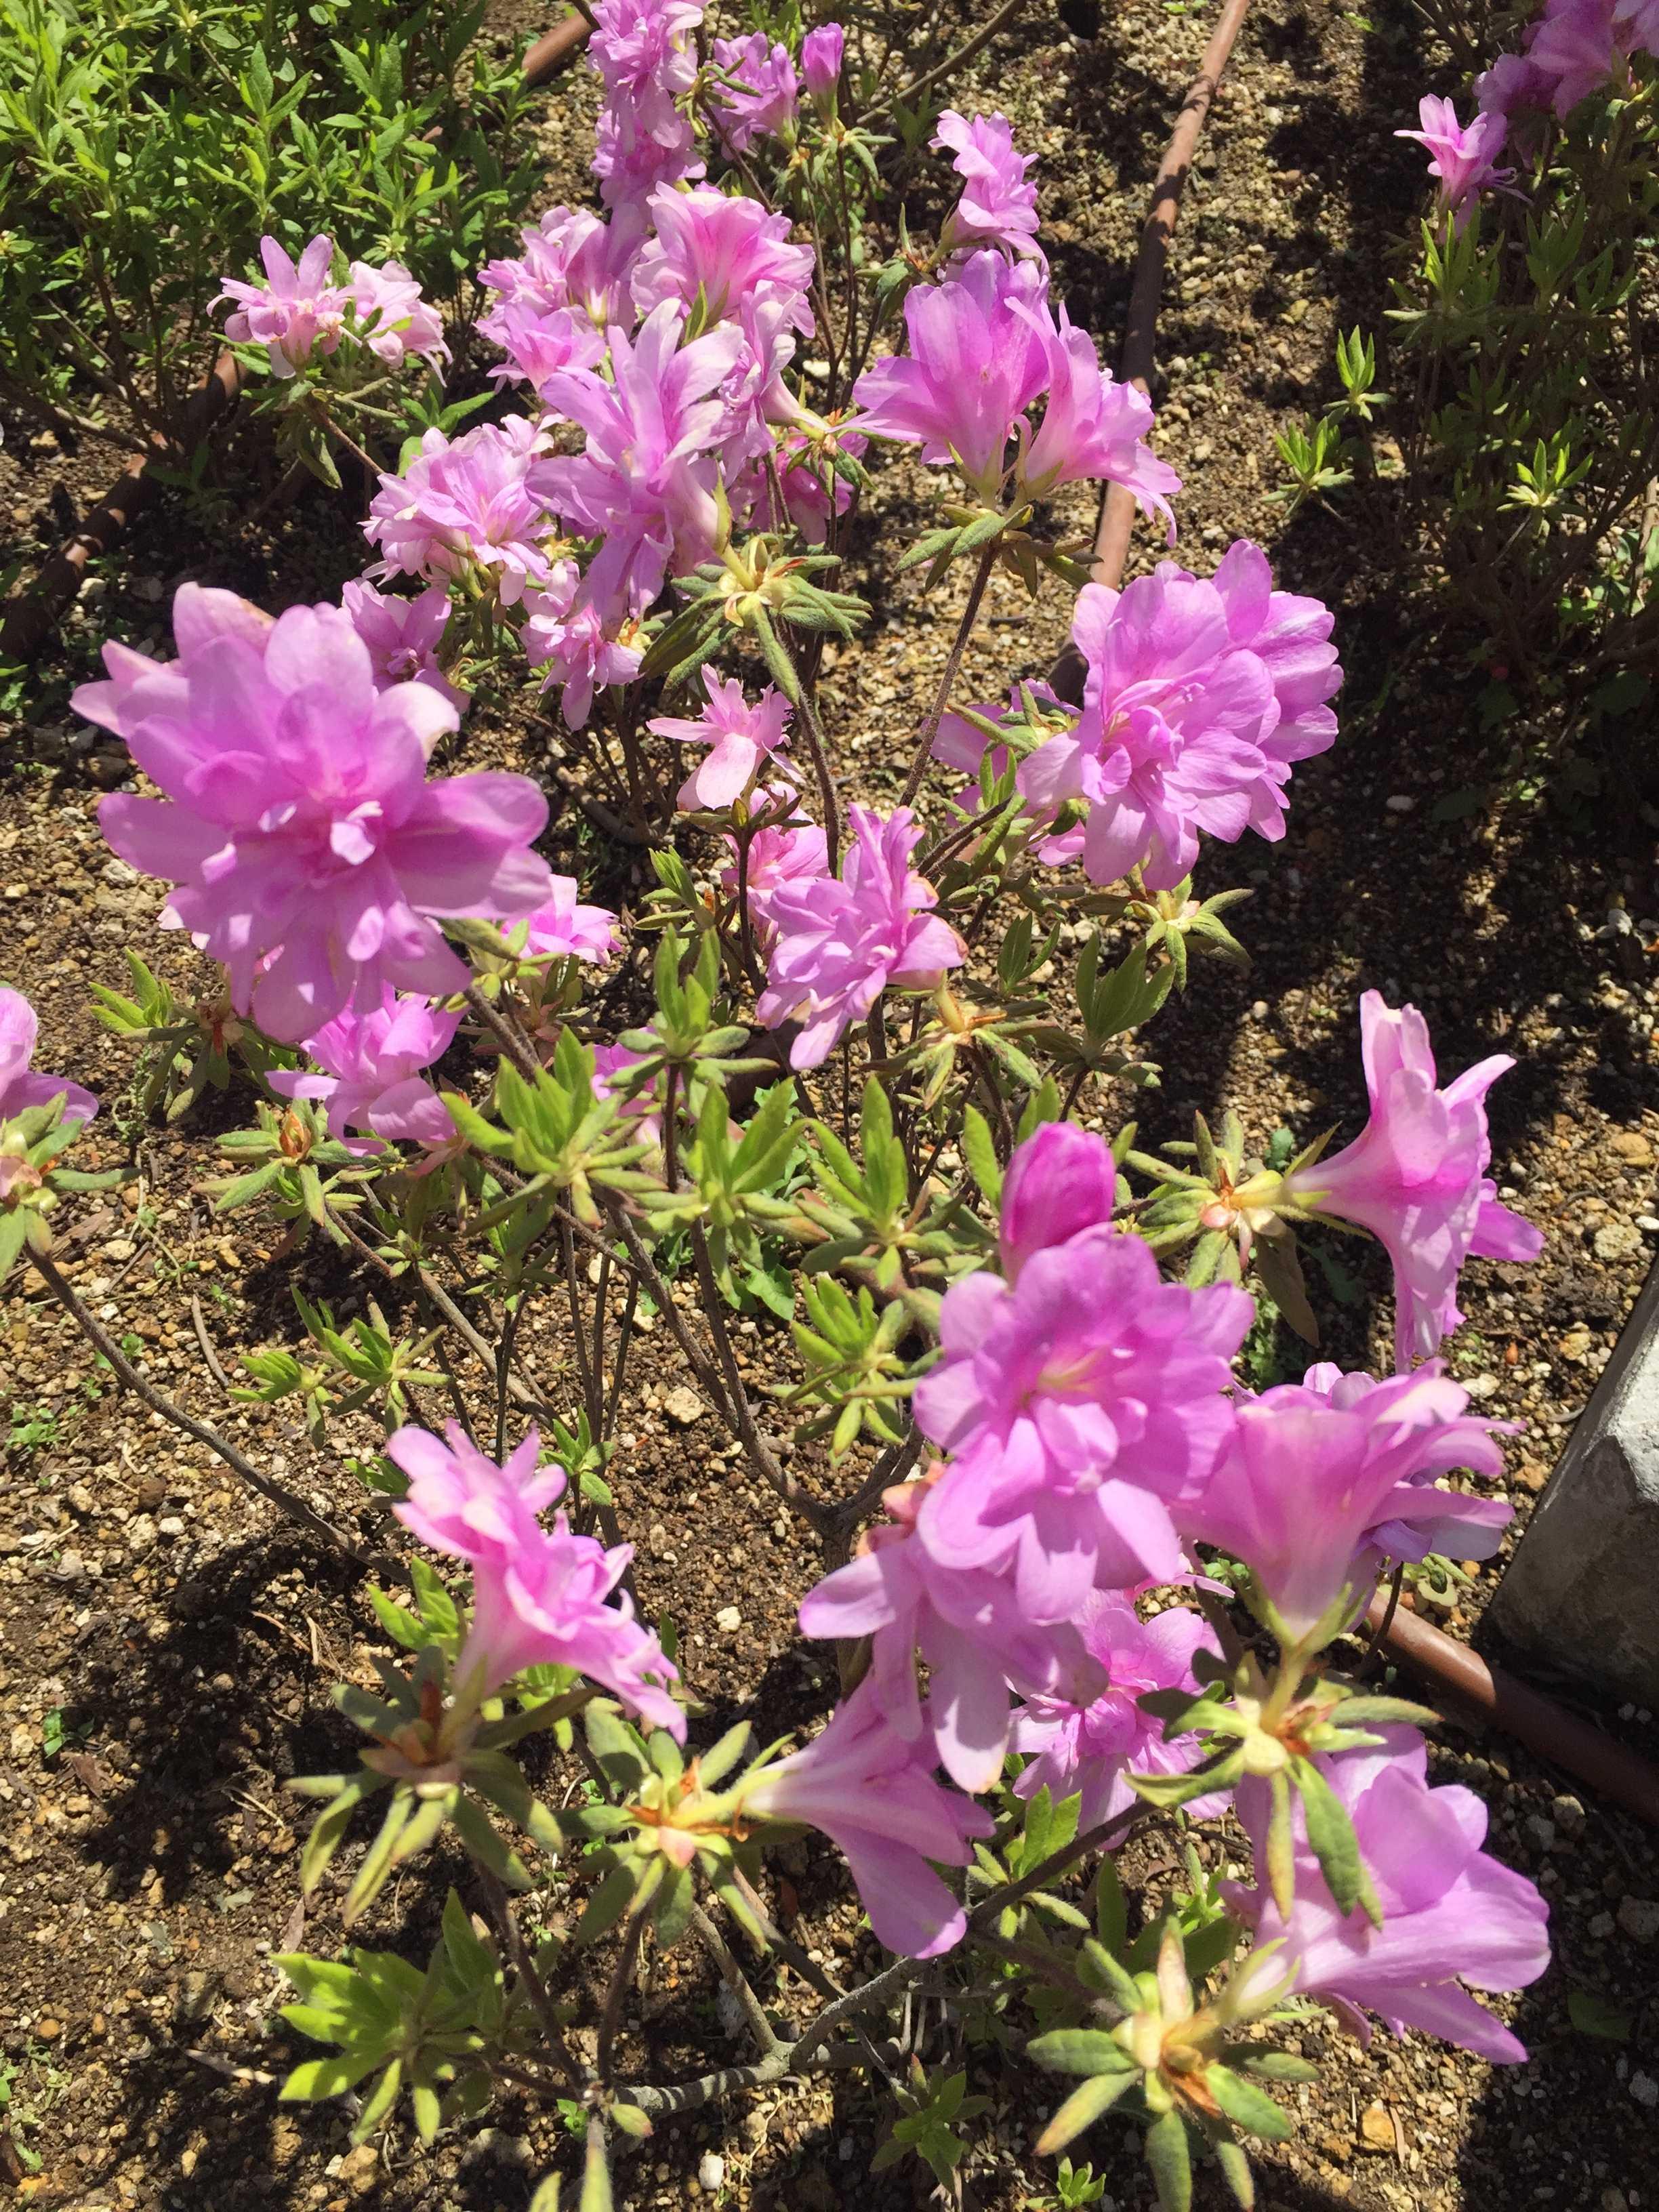 ツツジ「藤万葉」の藤色の花